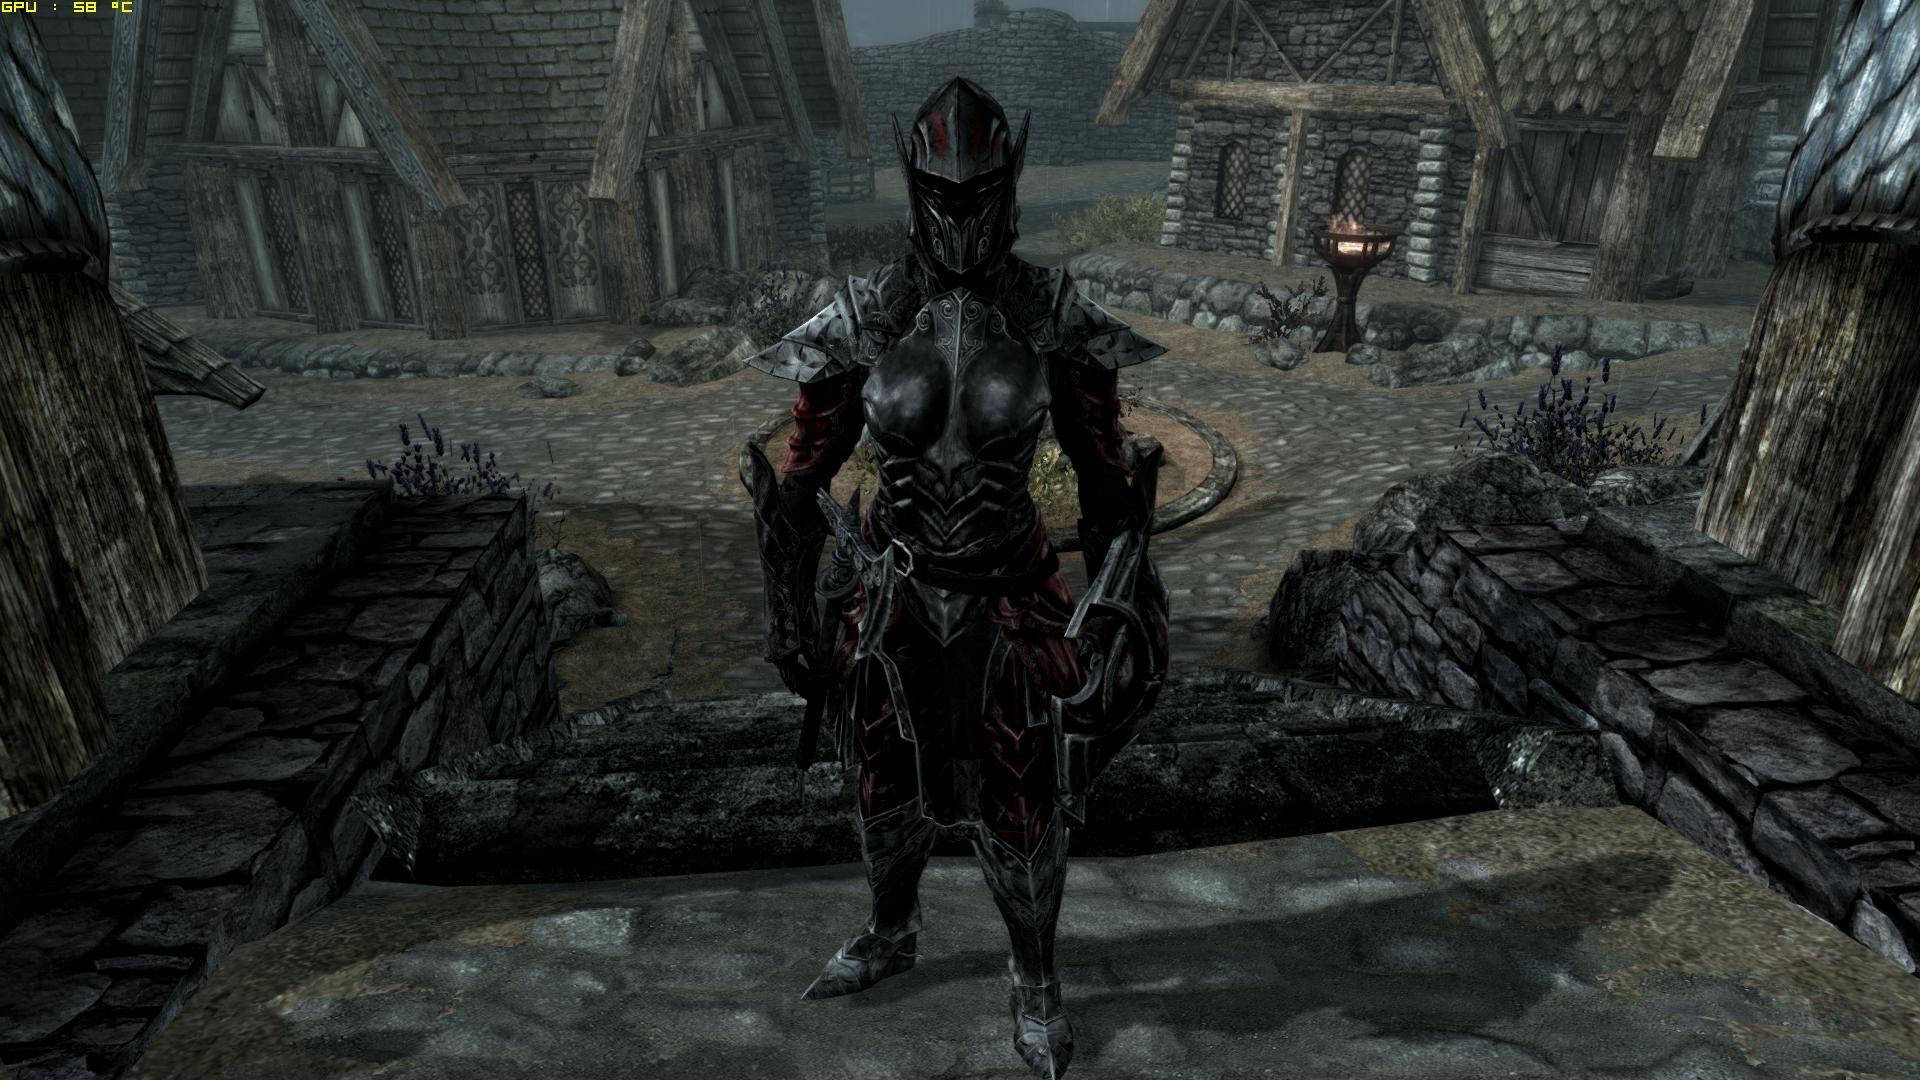 Ebony Armor 2 03 December 2011